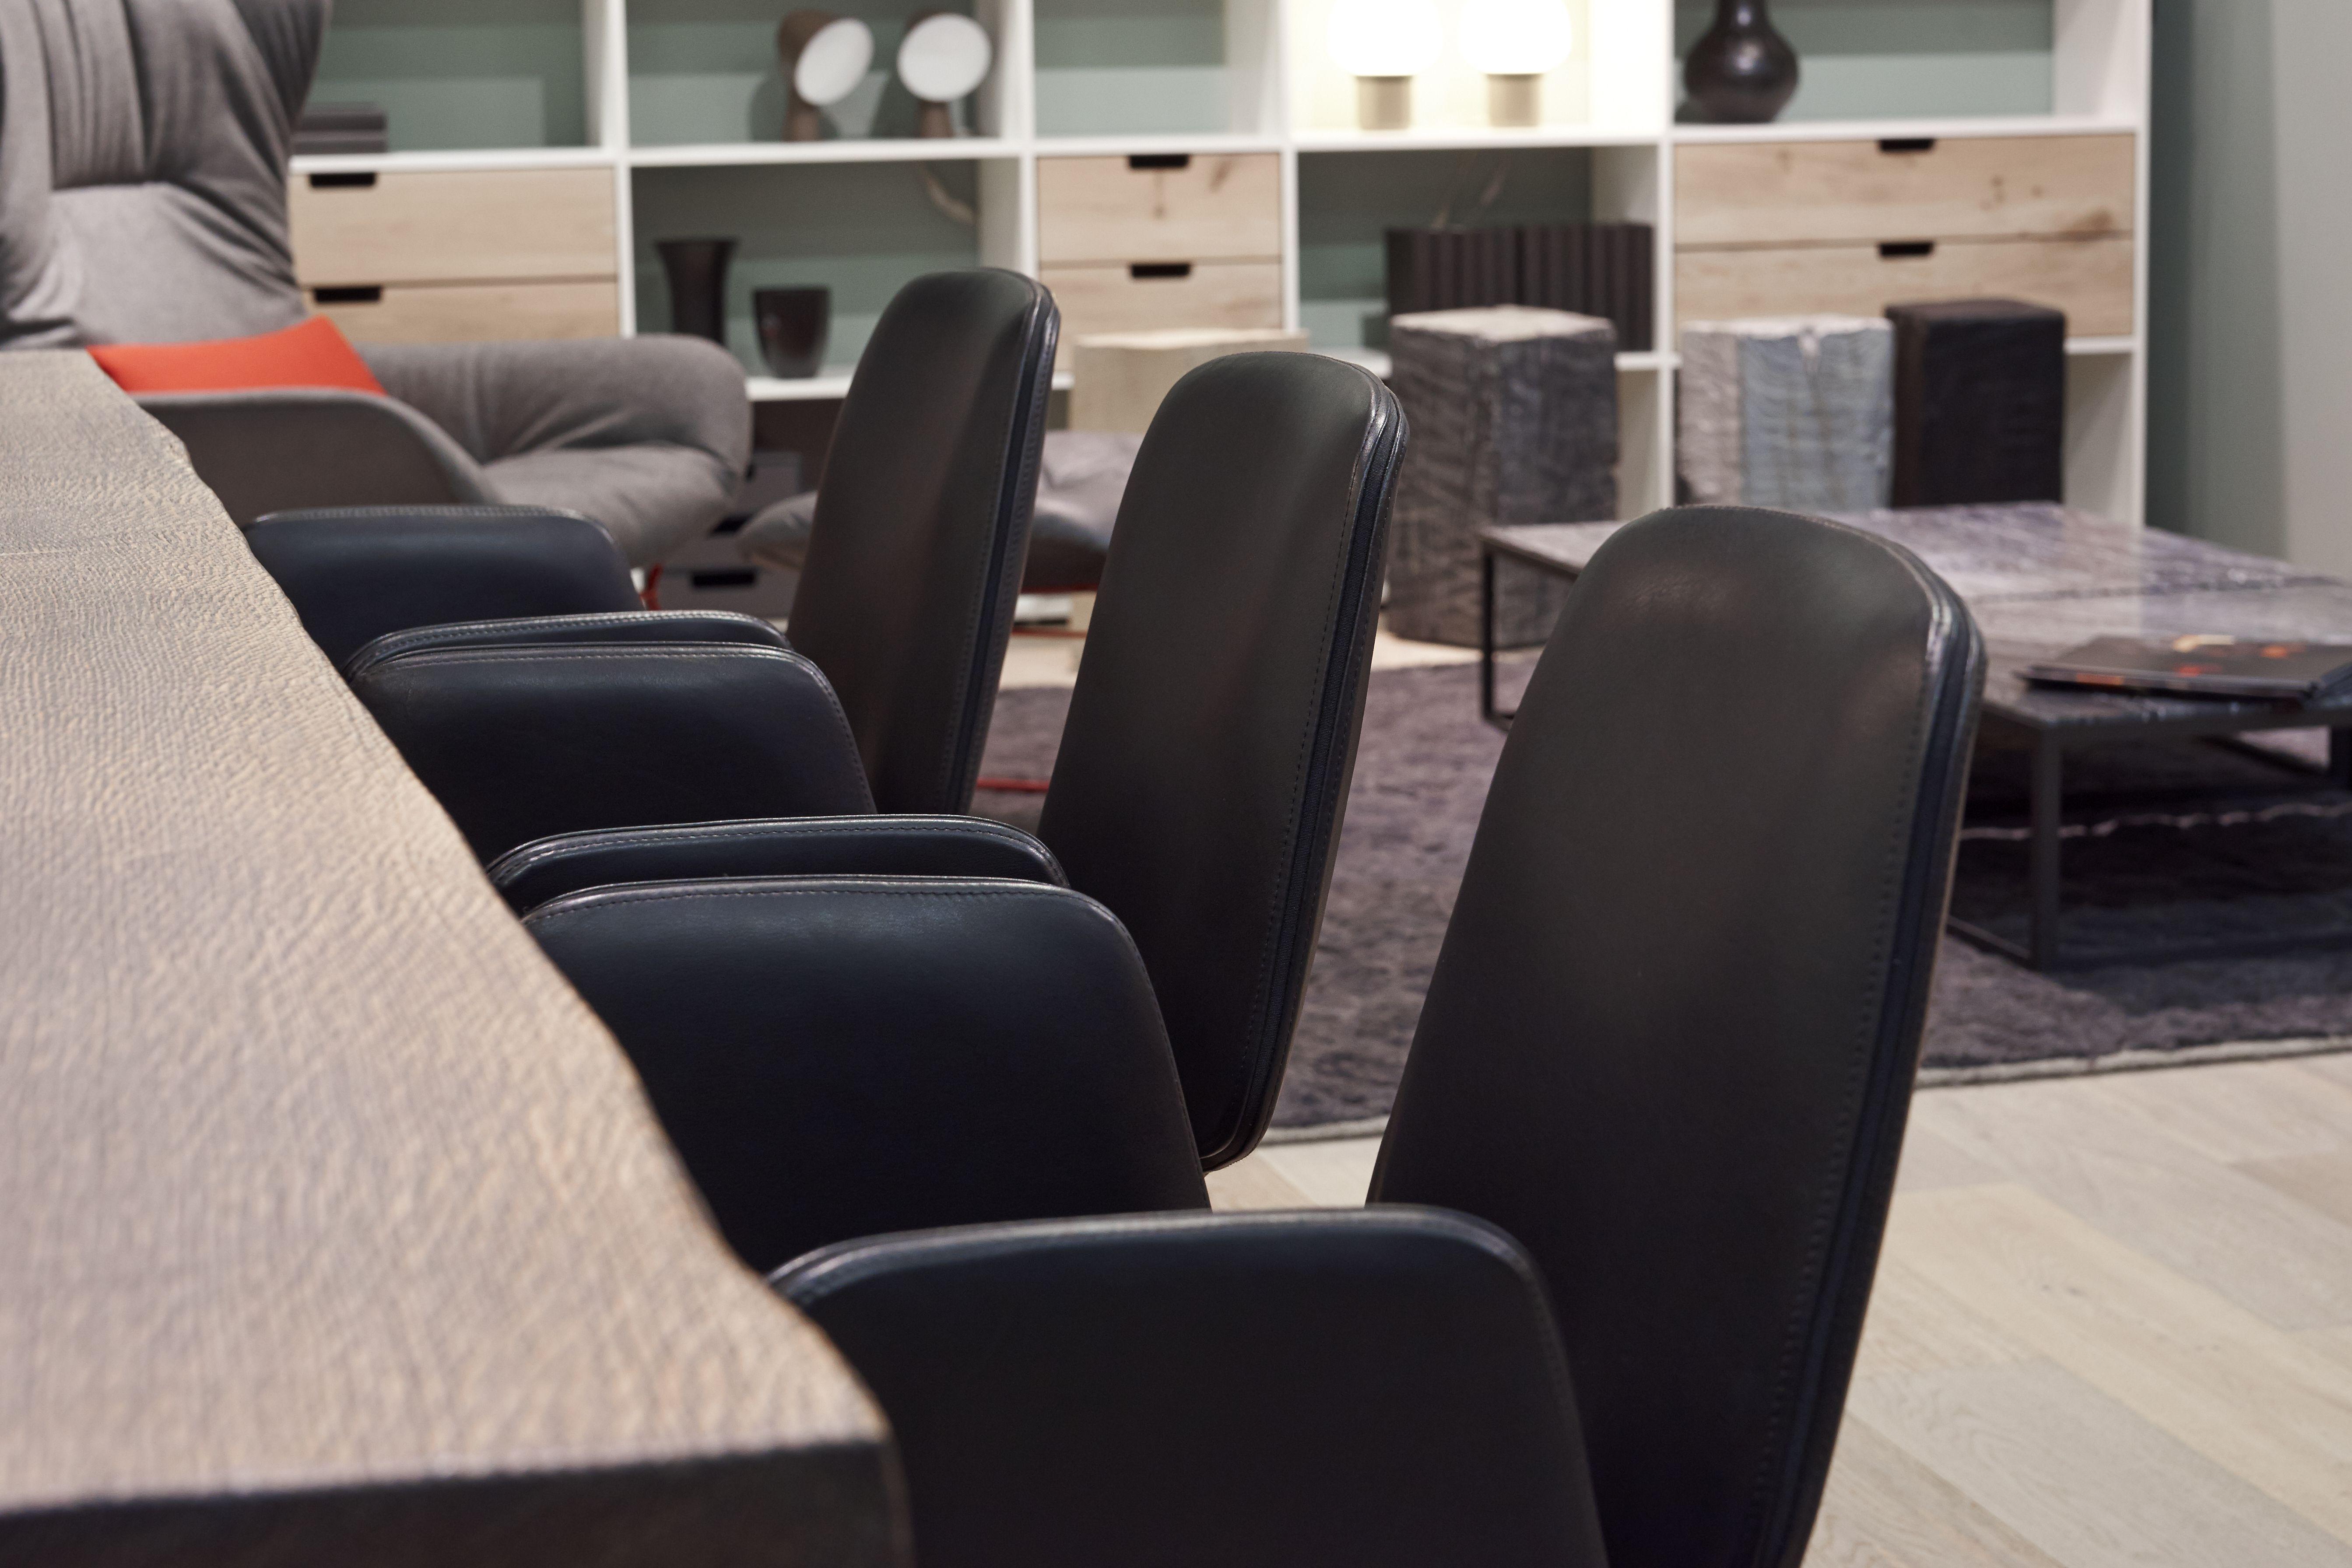 Chair Tilda | Designed by Birgit Hoffmann & Christoph Kahleyss | FREIFRAU Sitzmöbelmanufaktur @ imm cologne 2015